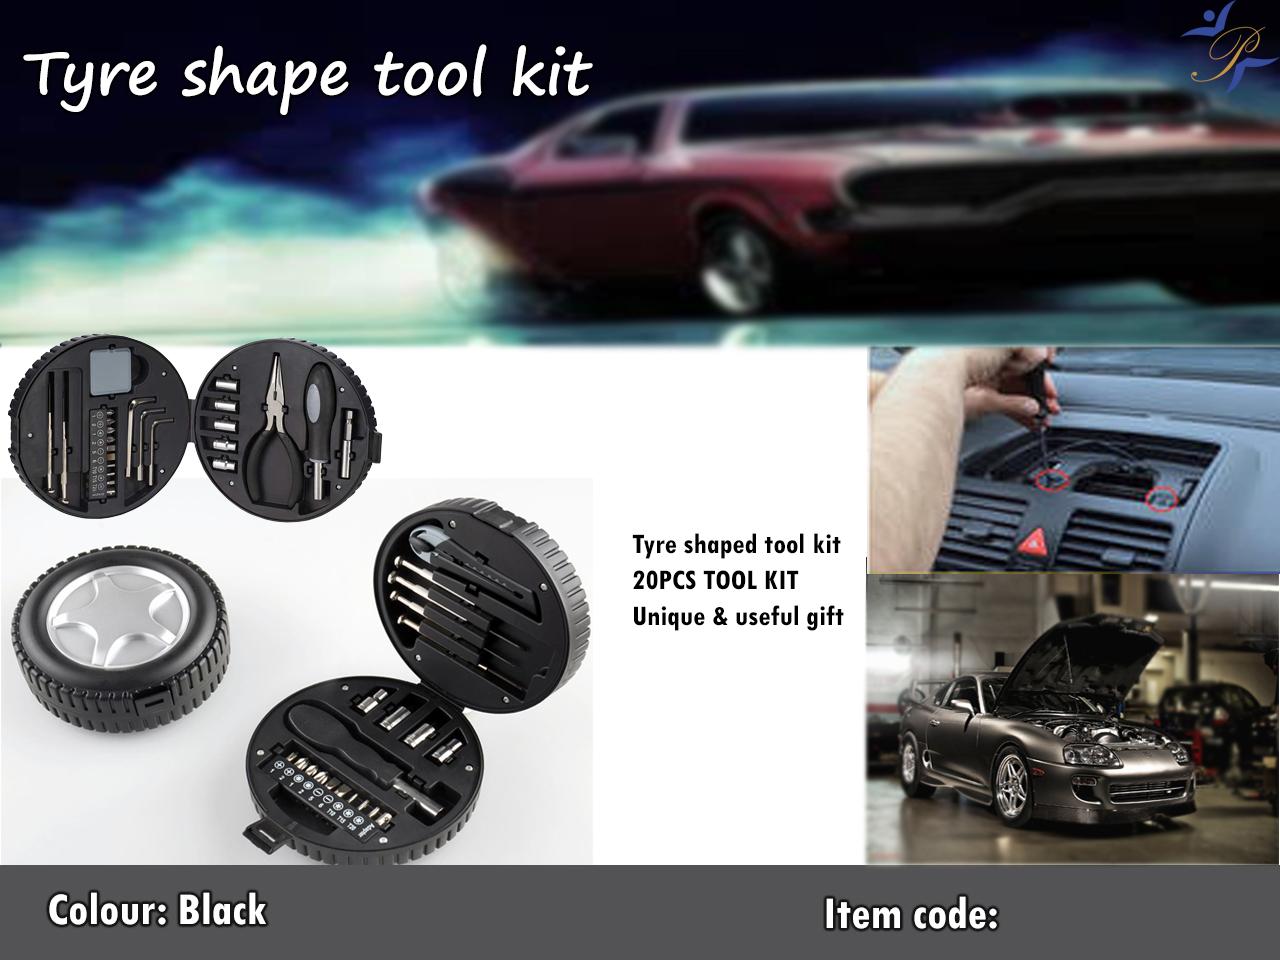 tyre shape toolkit